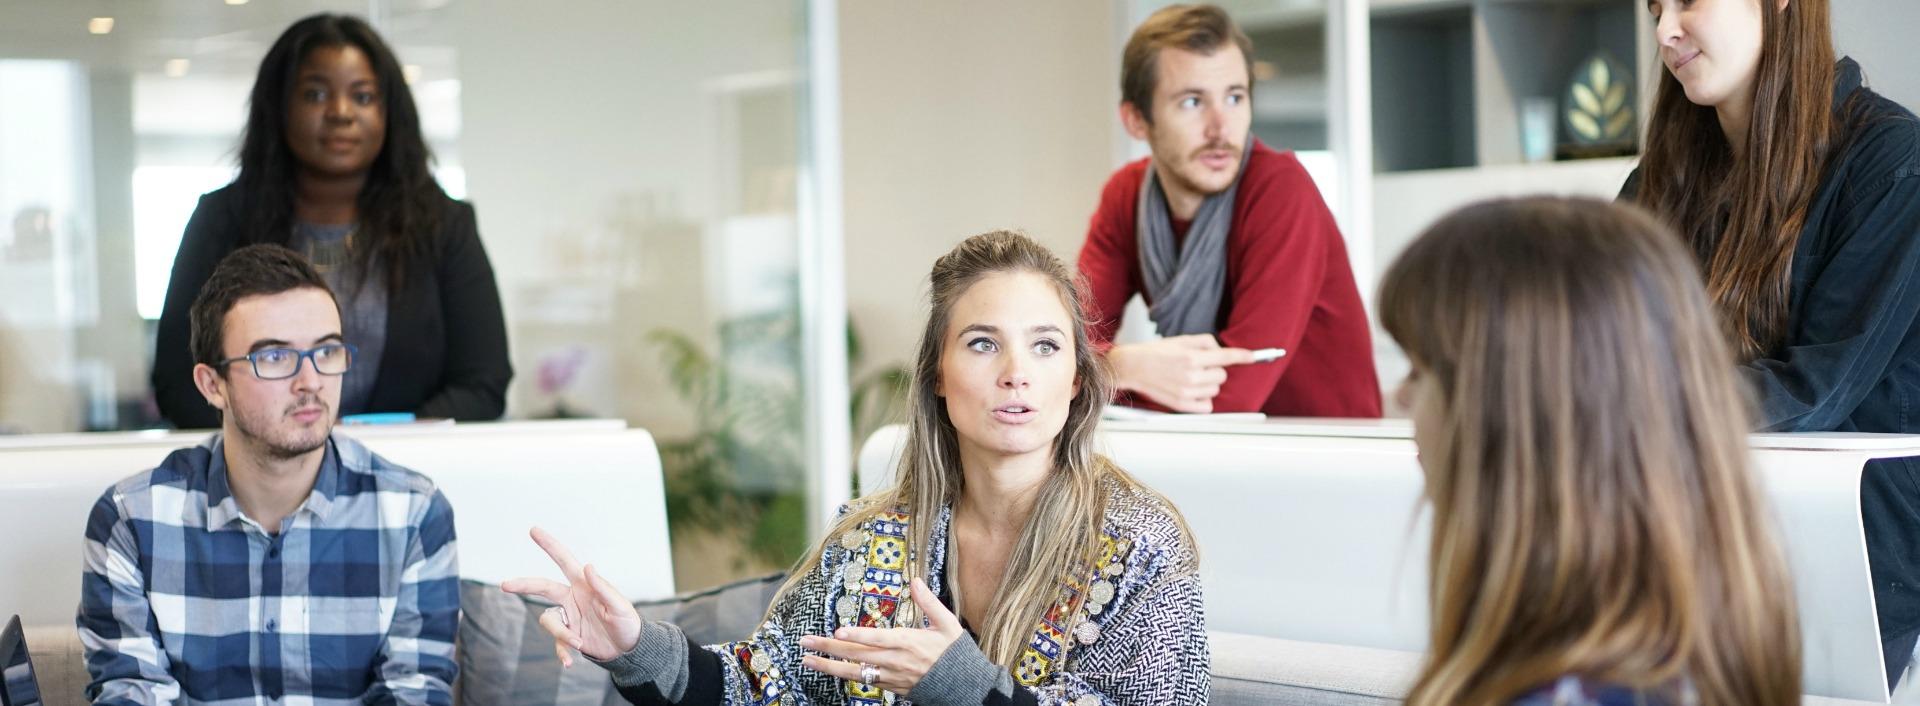 Ein englisches business Gespräch mit jungen Kollegen.